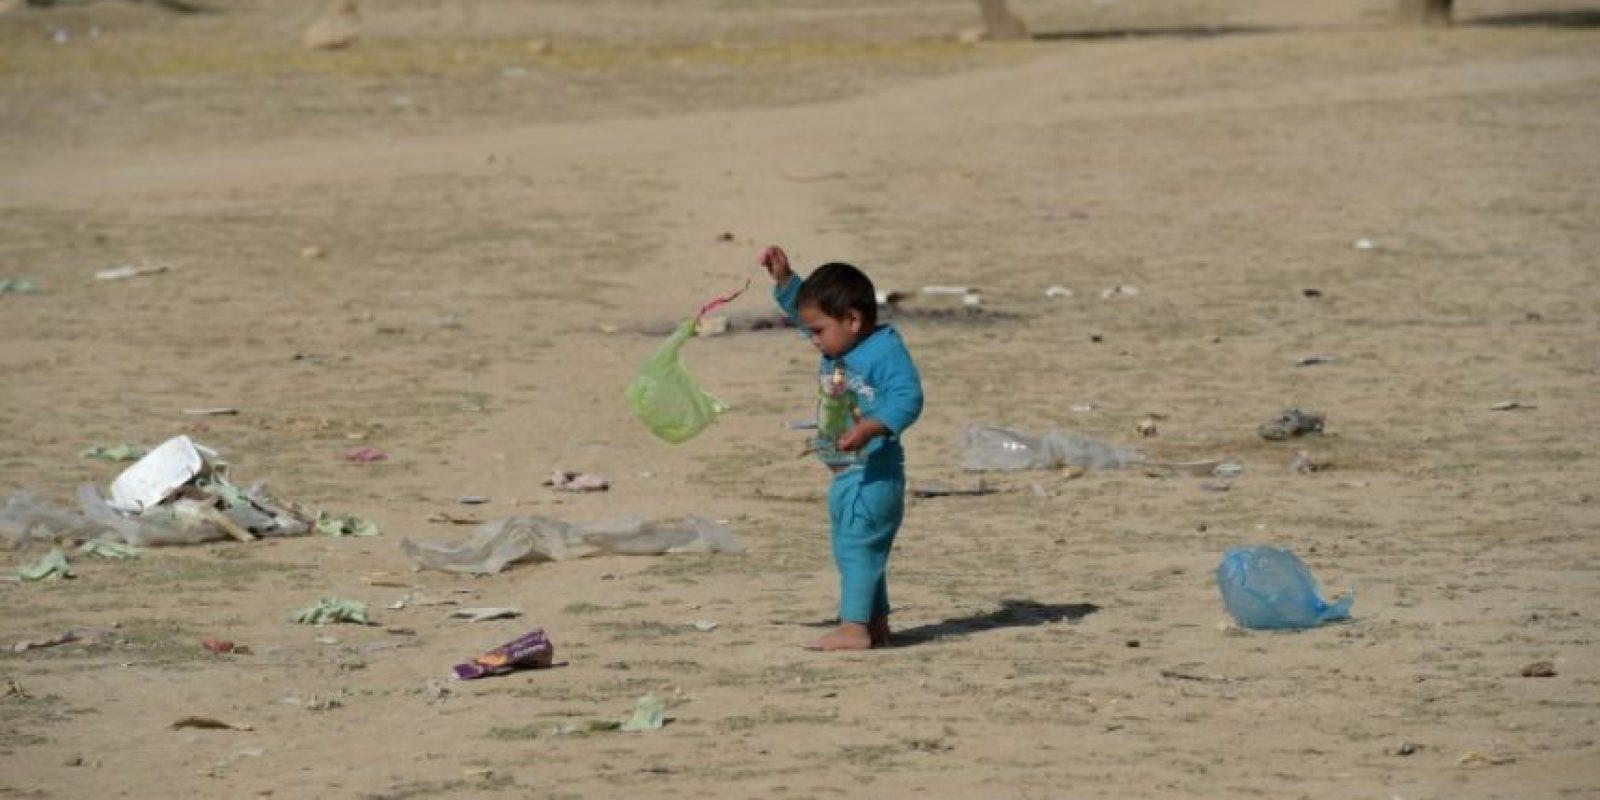 Foto del 19 de octubre de 2016 muestra a niños afganos desplazados por combates entre fuerzas afganas y talibanes y los bombardeos de la coalición del OTAN en las afueras de Kunduz, Afganistán Foto:SHAH MARAI/afp.com